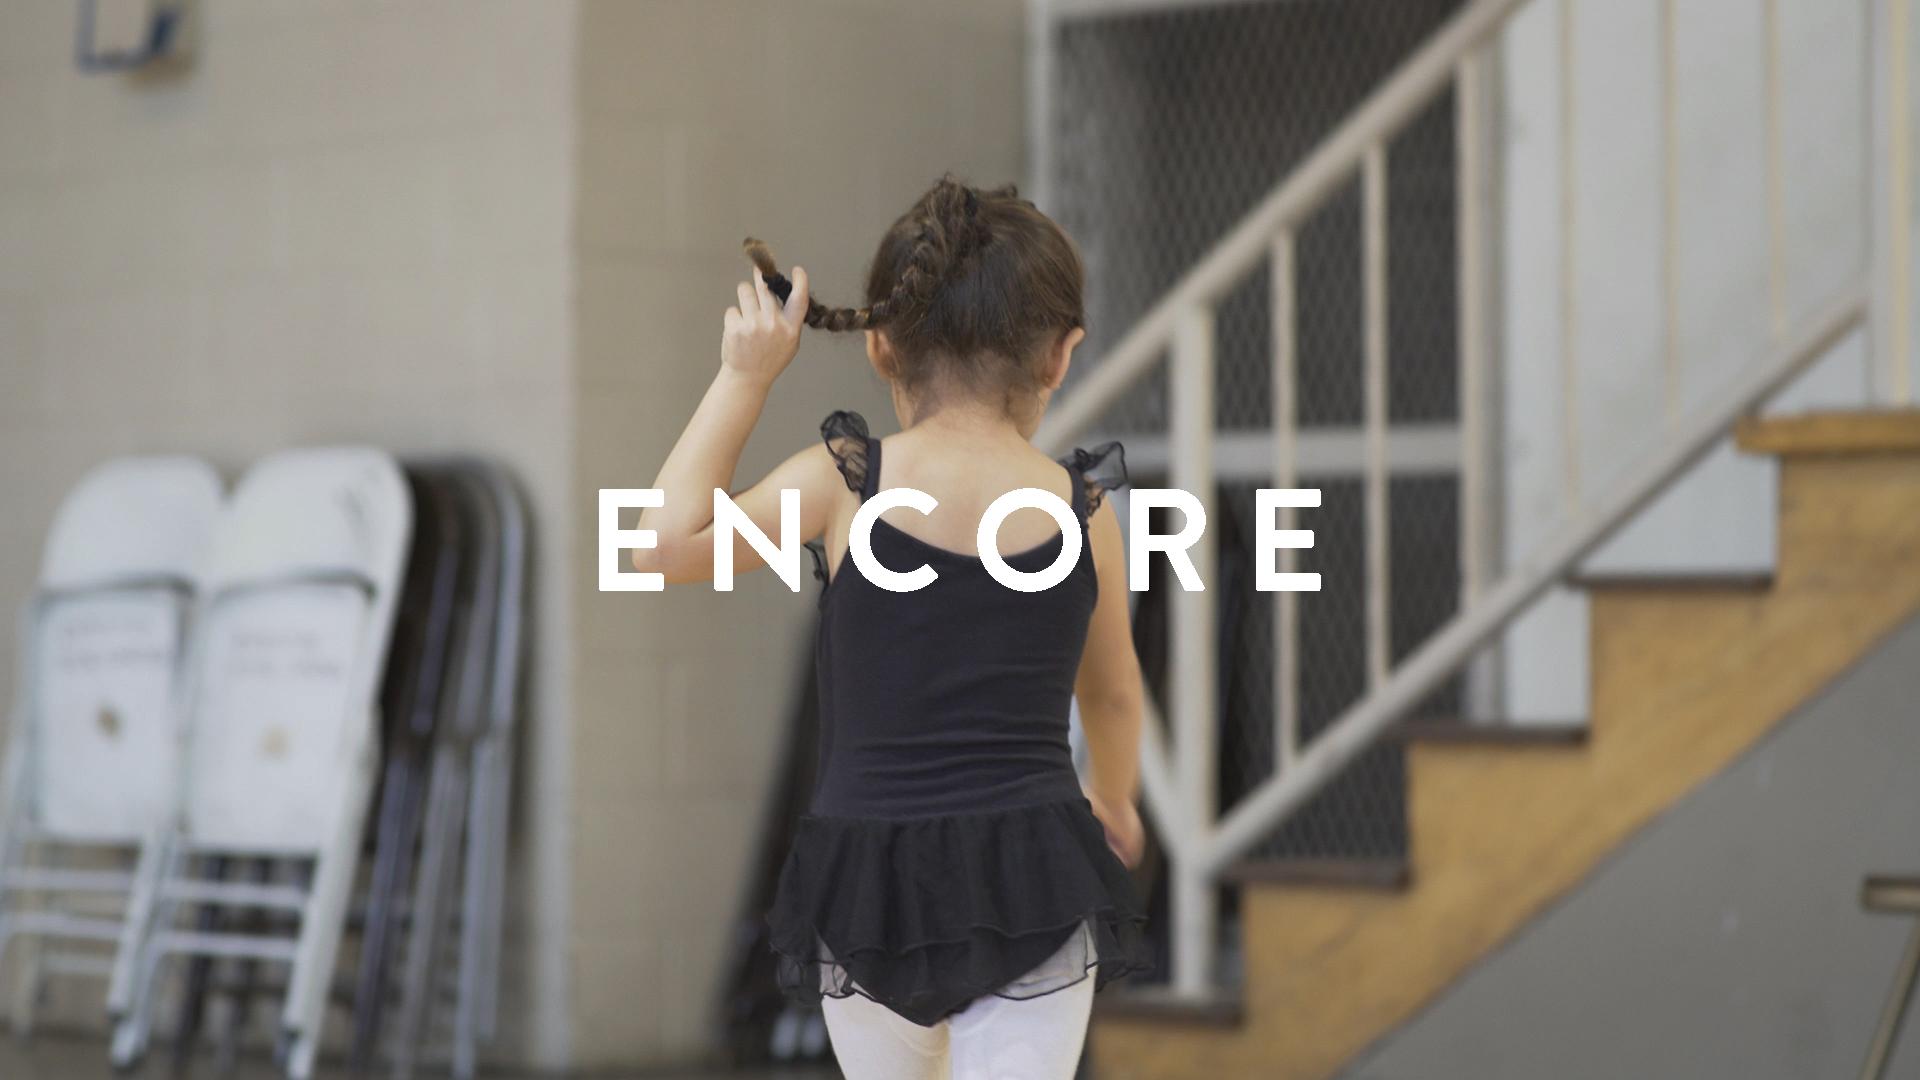 ENCORE_title.png